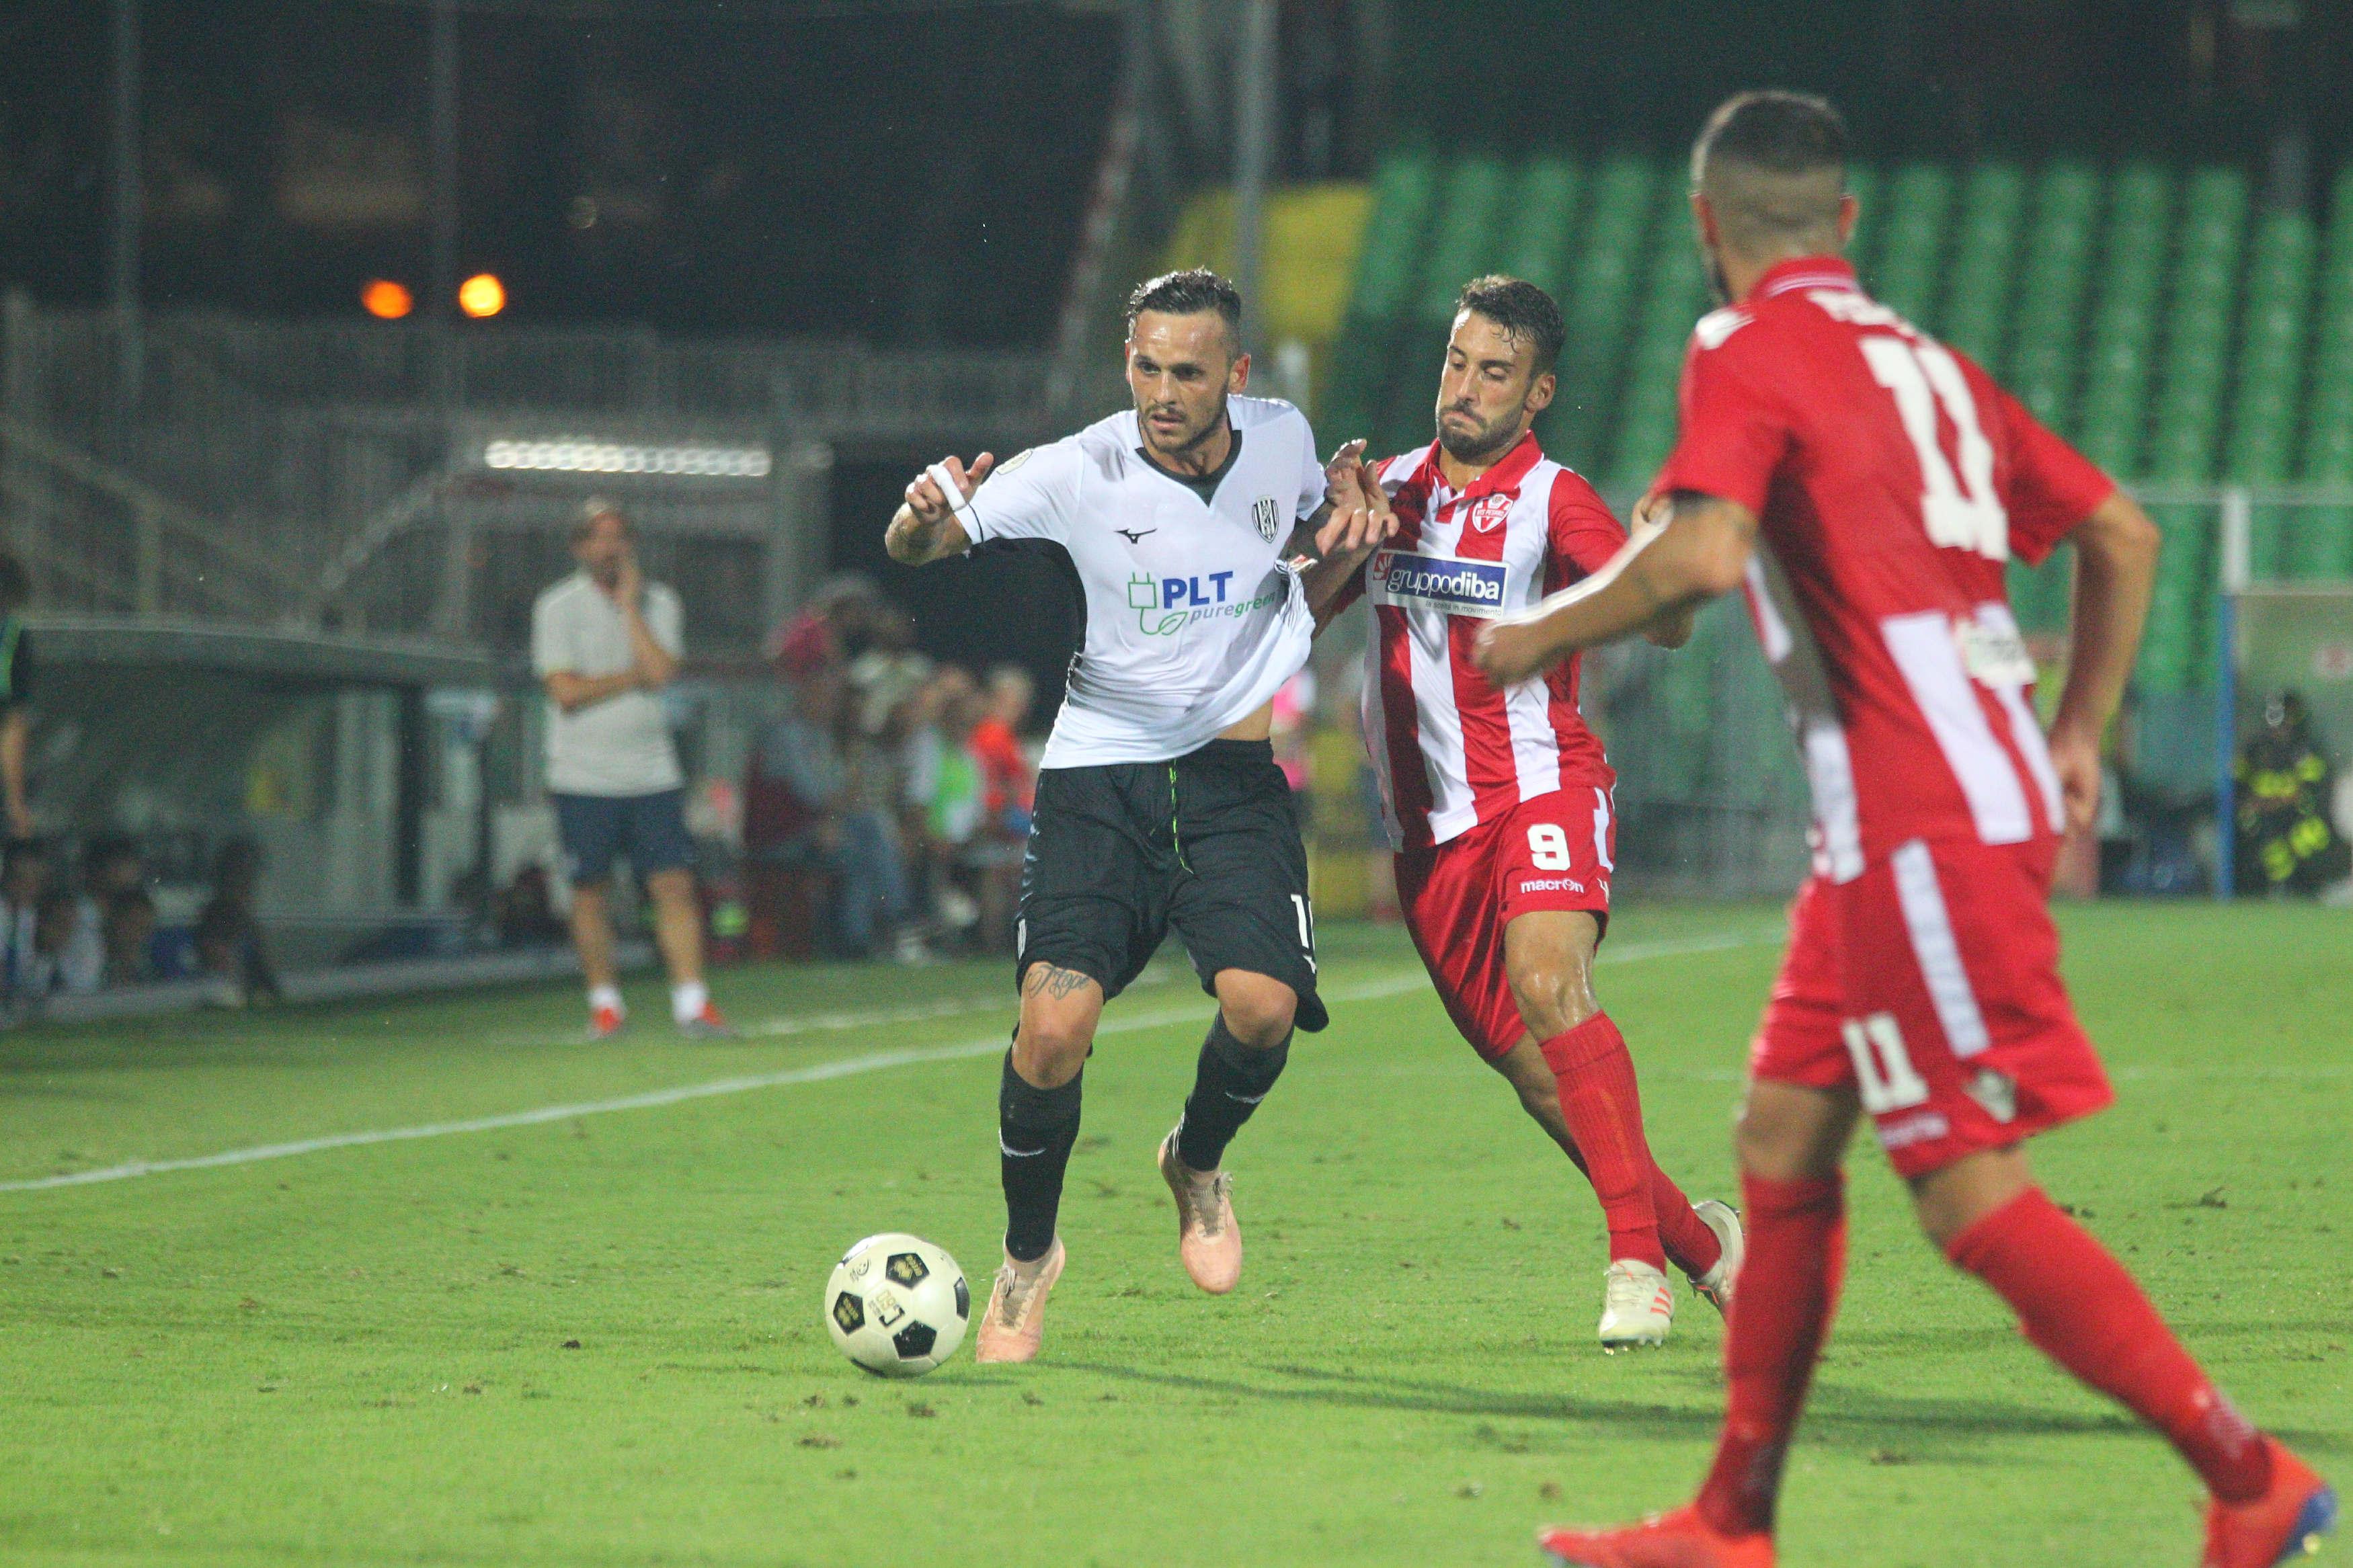 Calcio serie C, Ravenna-Cesena il 6 novembre in Coppa Italia